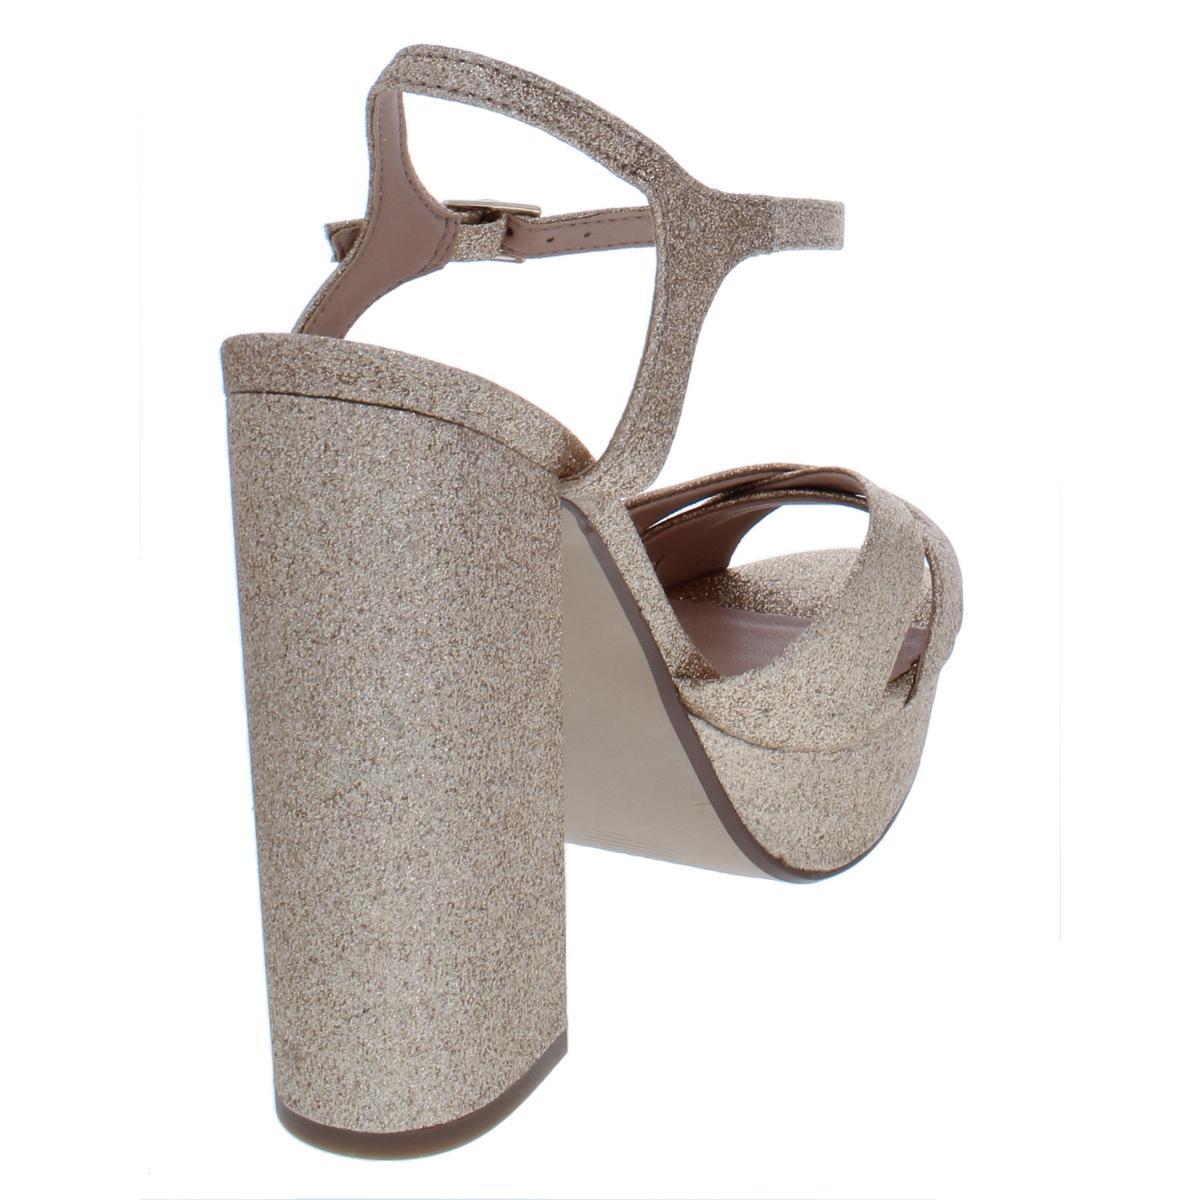 Steve-Madden-Womens-Gleam-Platform-High-Heel-Pumps-Shoes-BHFO-3019 thumbnail 4